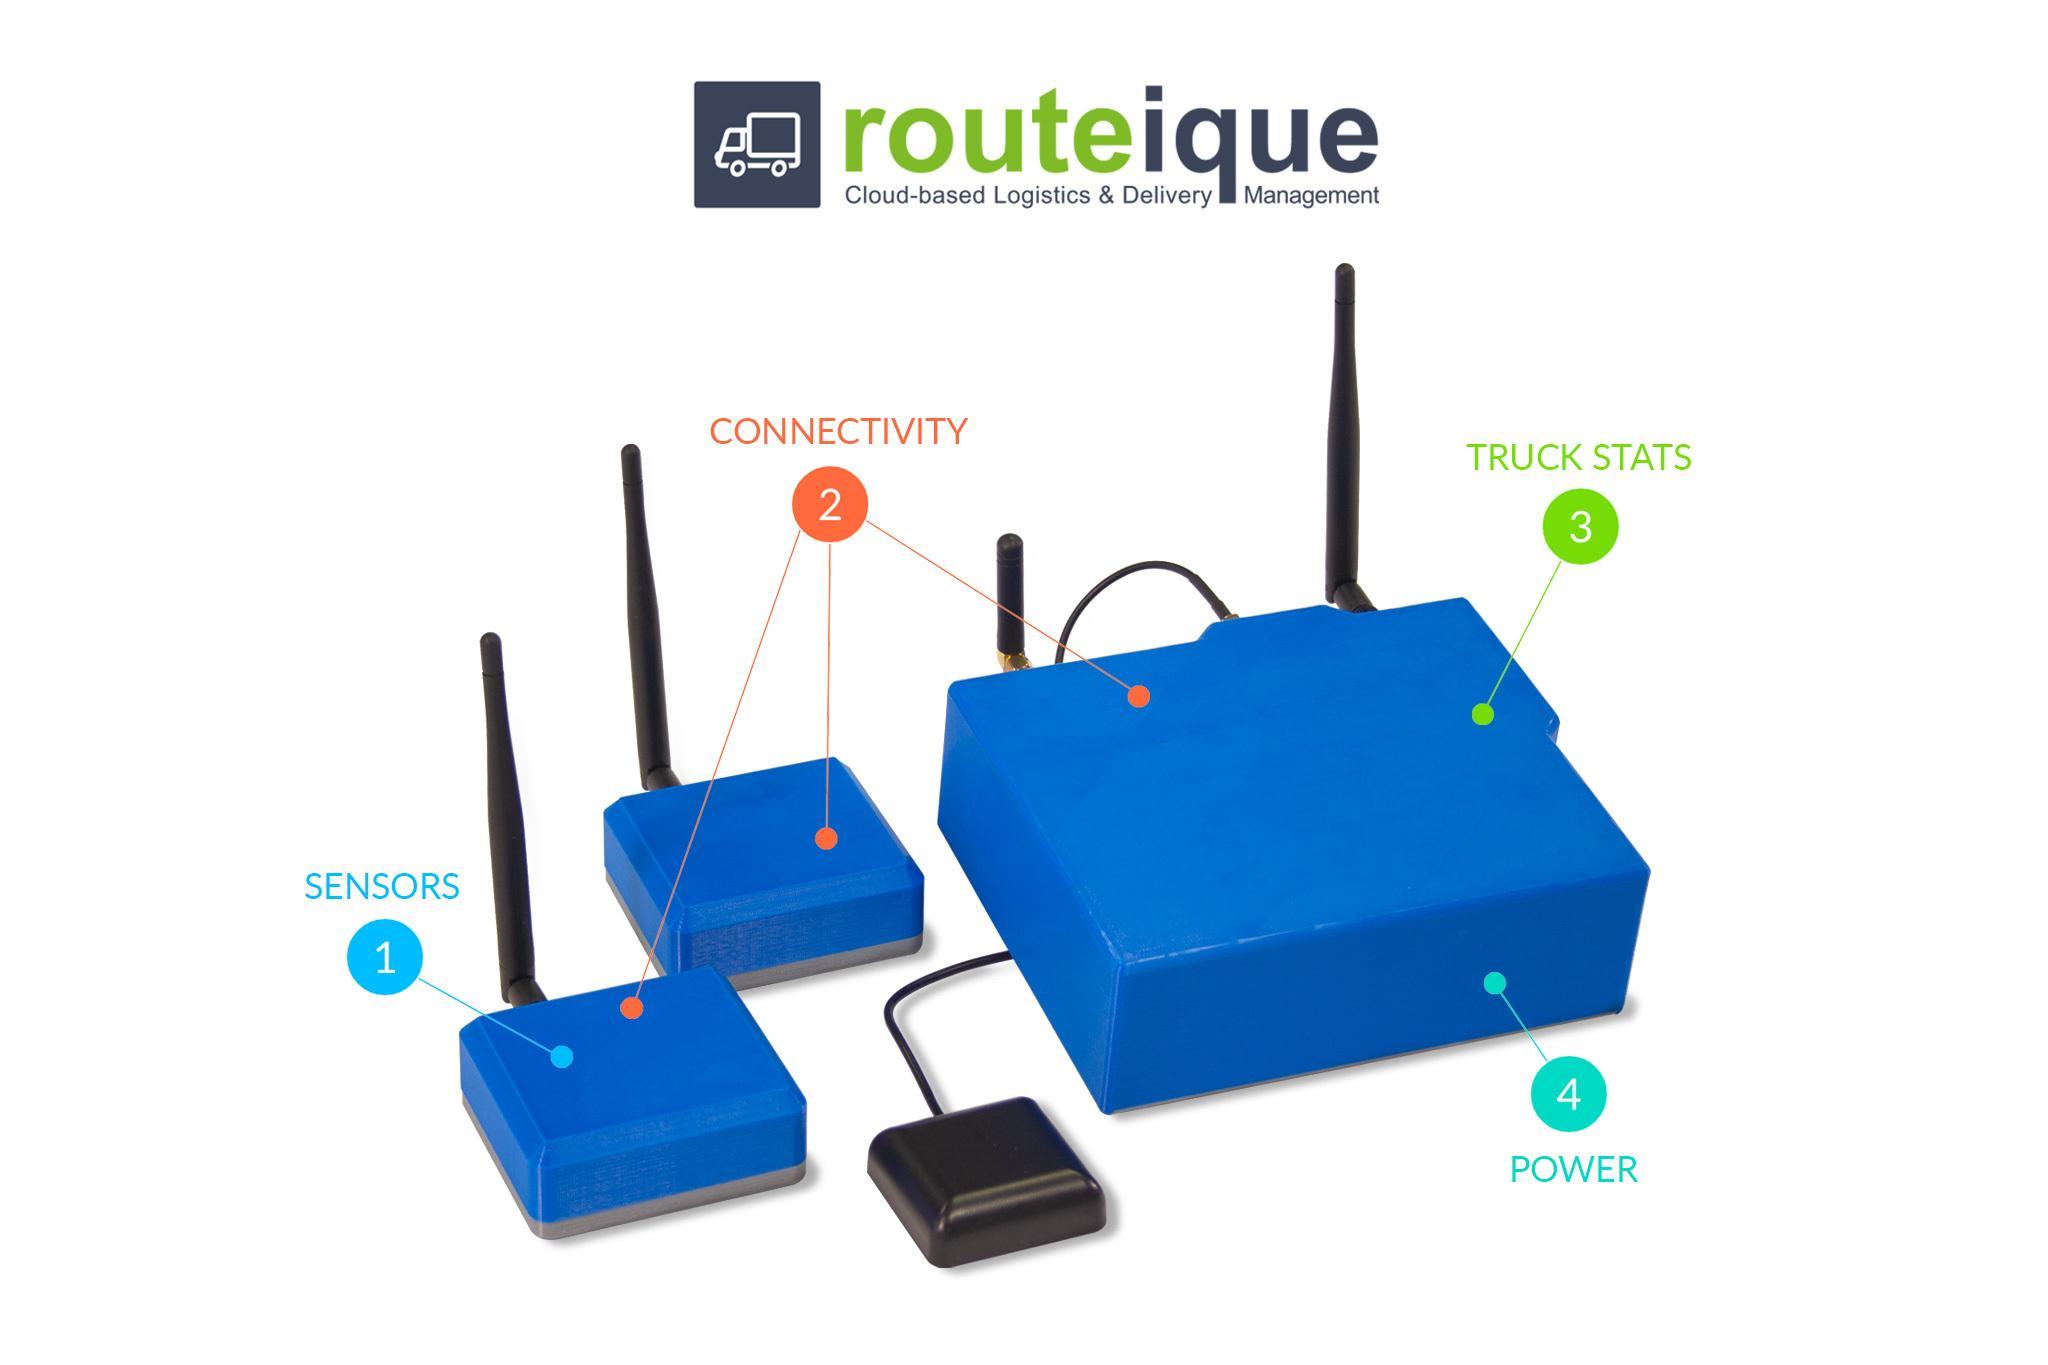 Routeique Vehicle Brain components